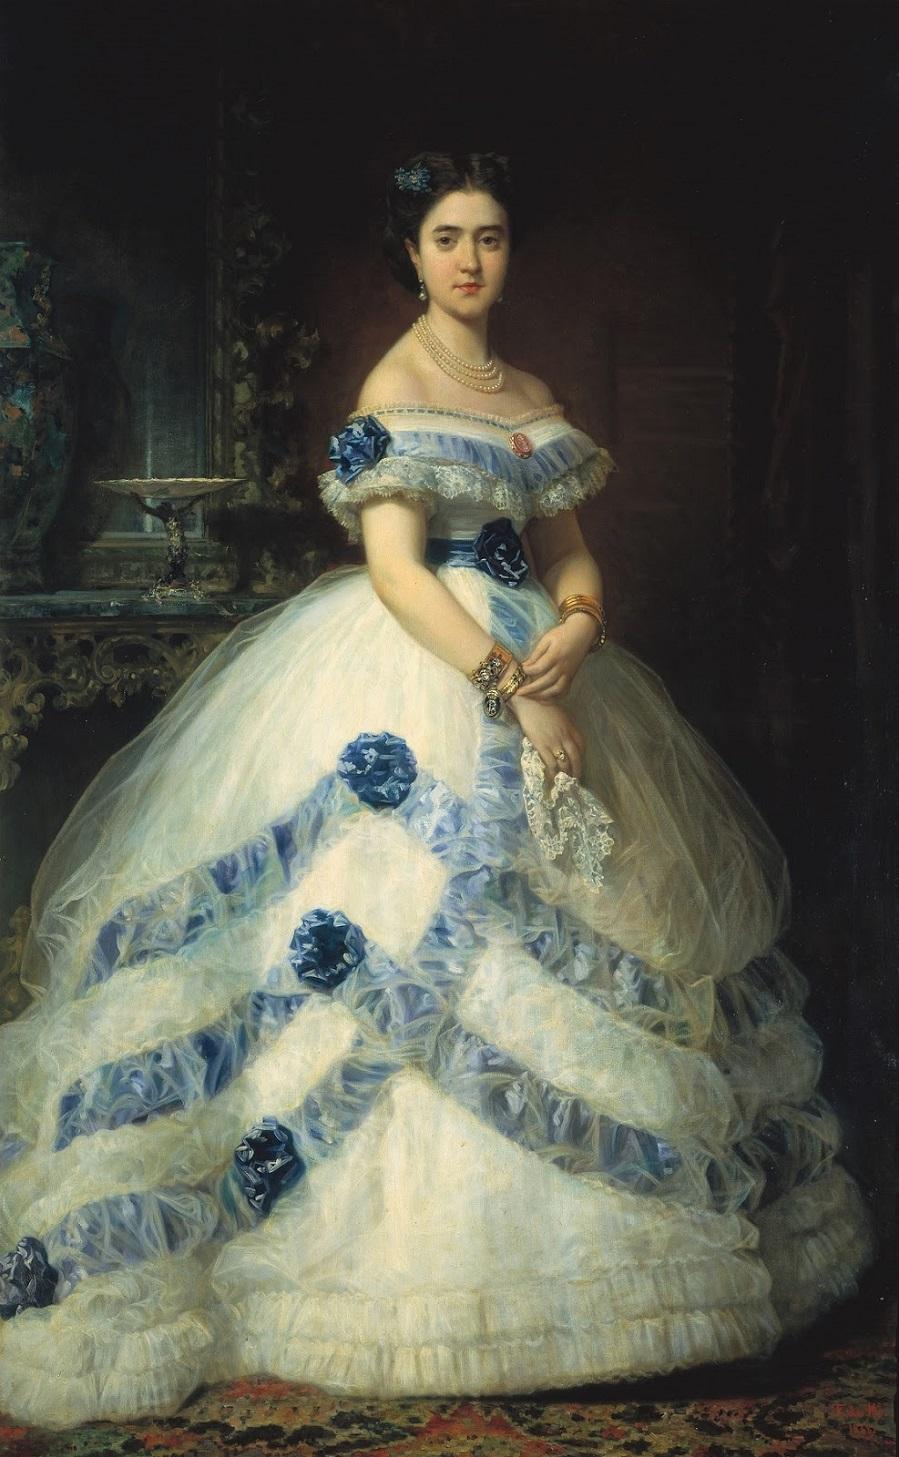 1862_Исабель Альварес Монтес, II герцогиня Кастро Энрикес (Isabel Alvarez Montes, II duquesa de Castro Enriquez)_202 х 126_х.,м._Мадрид, музей Прадо.jpg